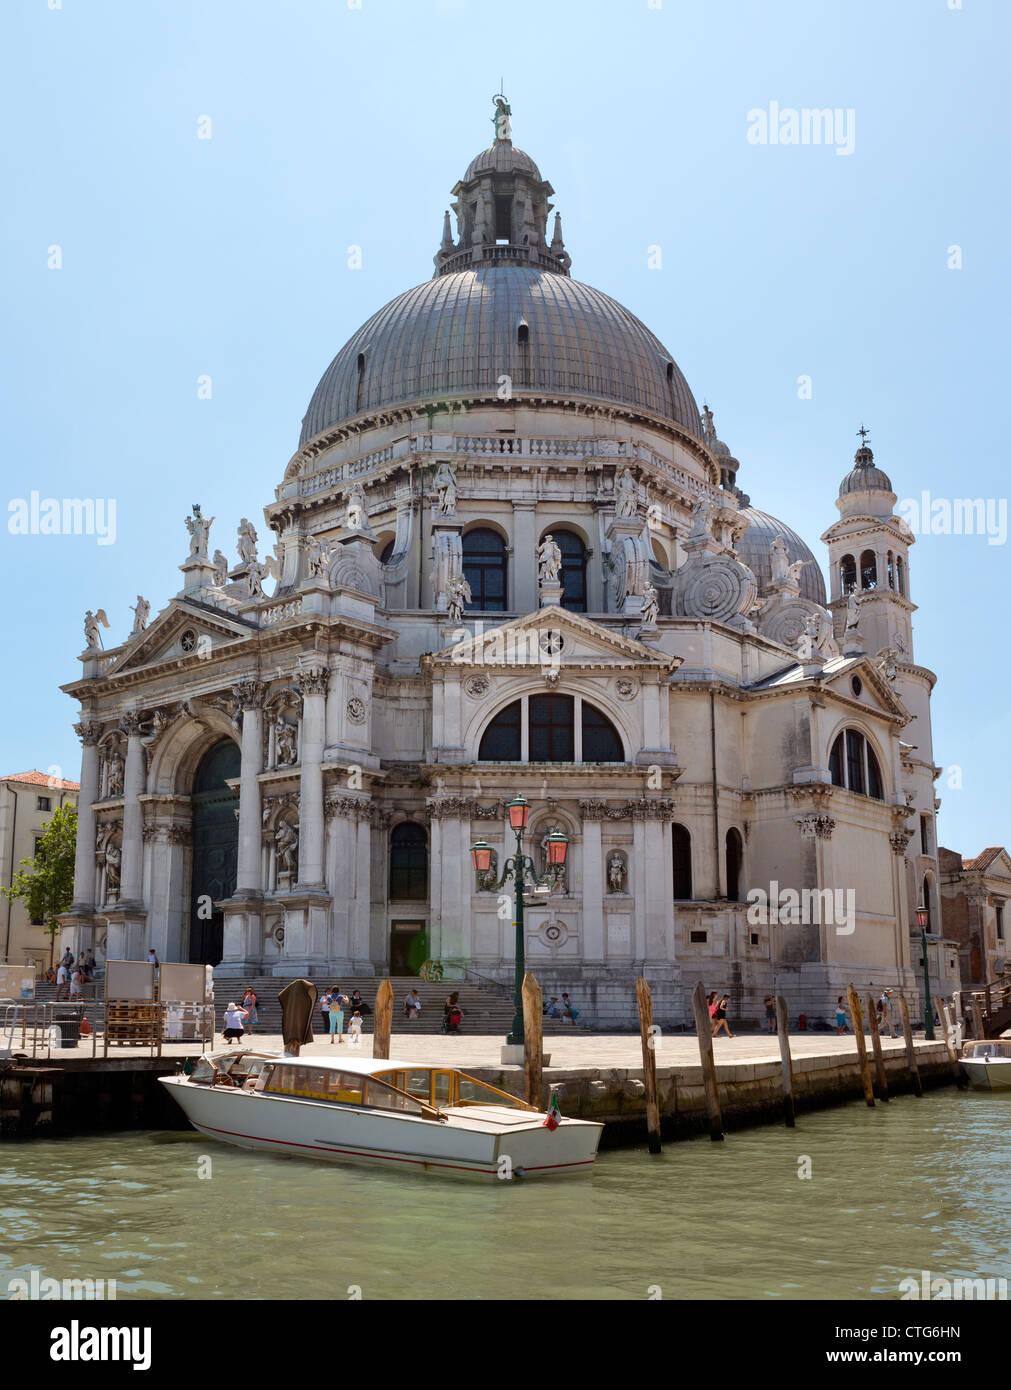 Basilica Santa Maria Della Salute neat to Grand Canal Venice Italy Stock Photo